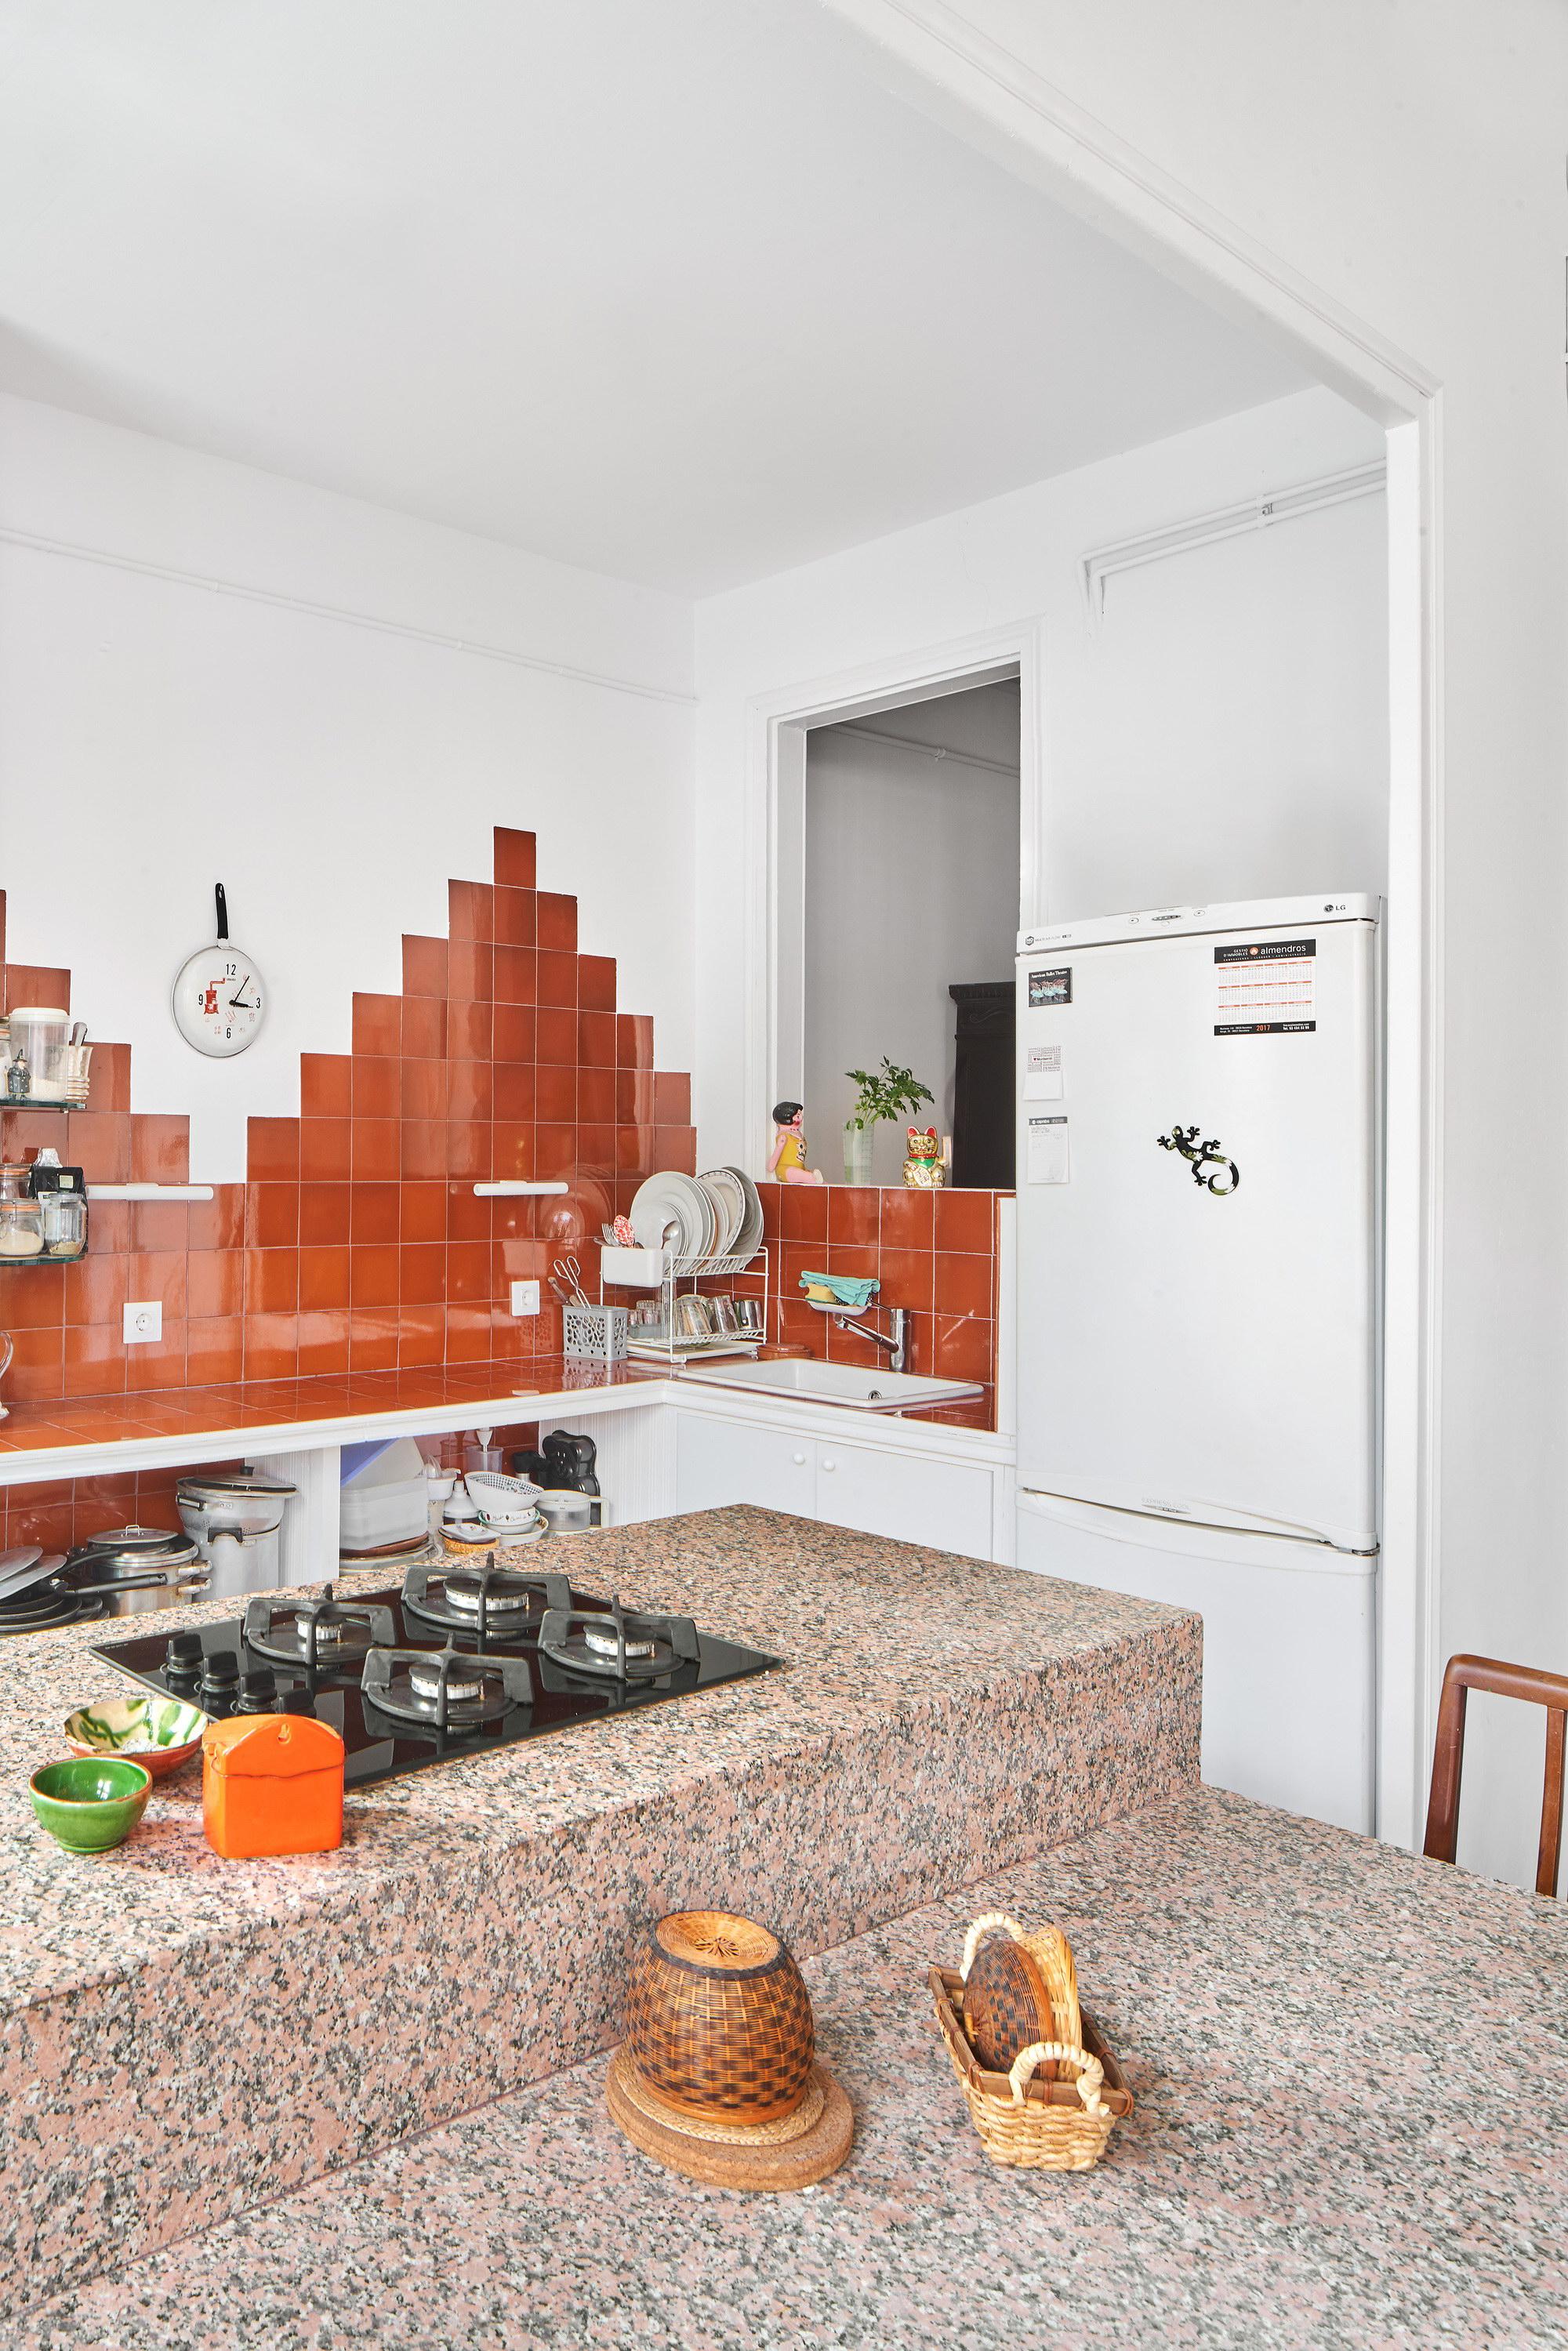 A Table (II) by Adrià Escolano and David Steegmann Mangrané